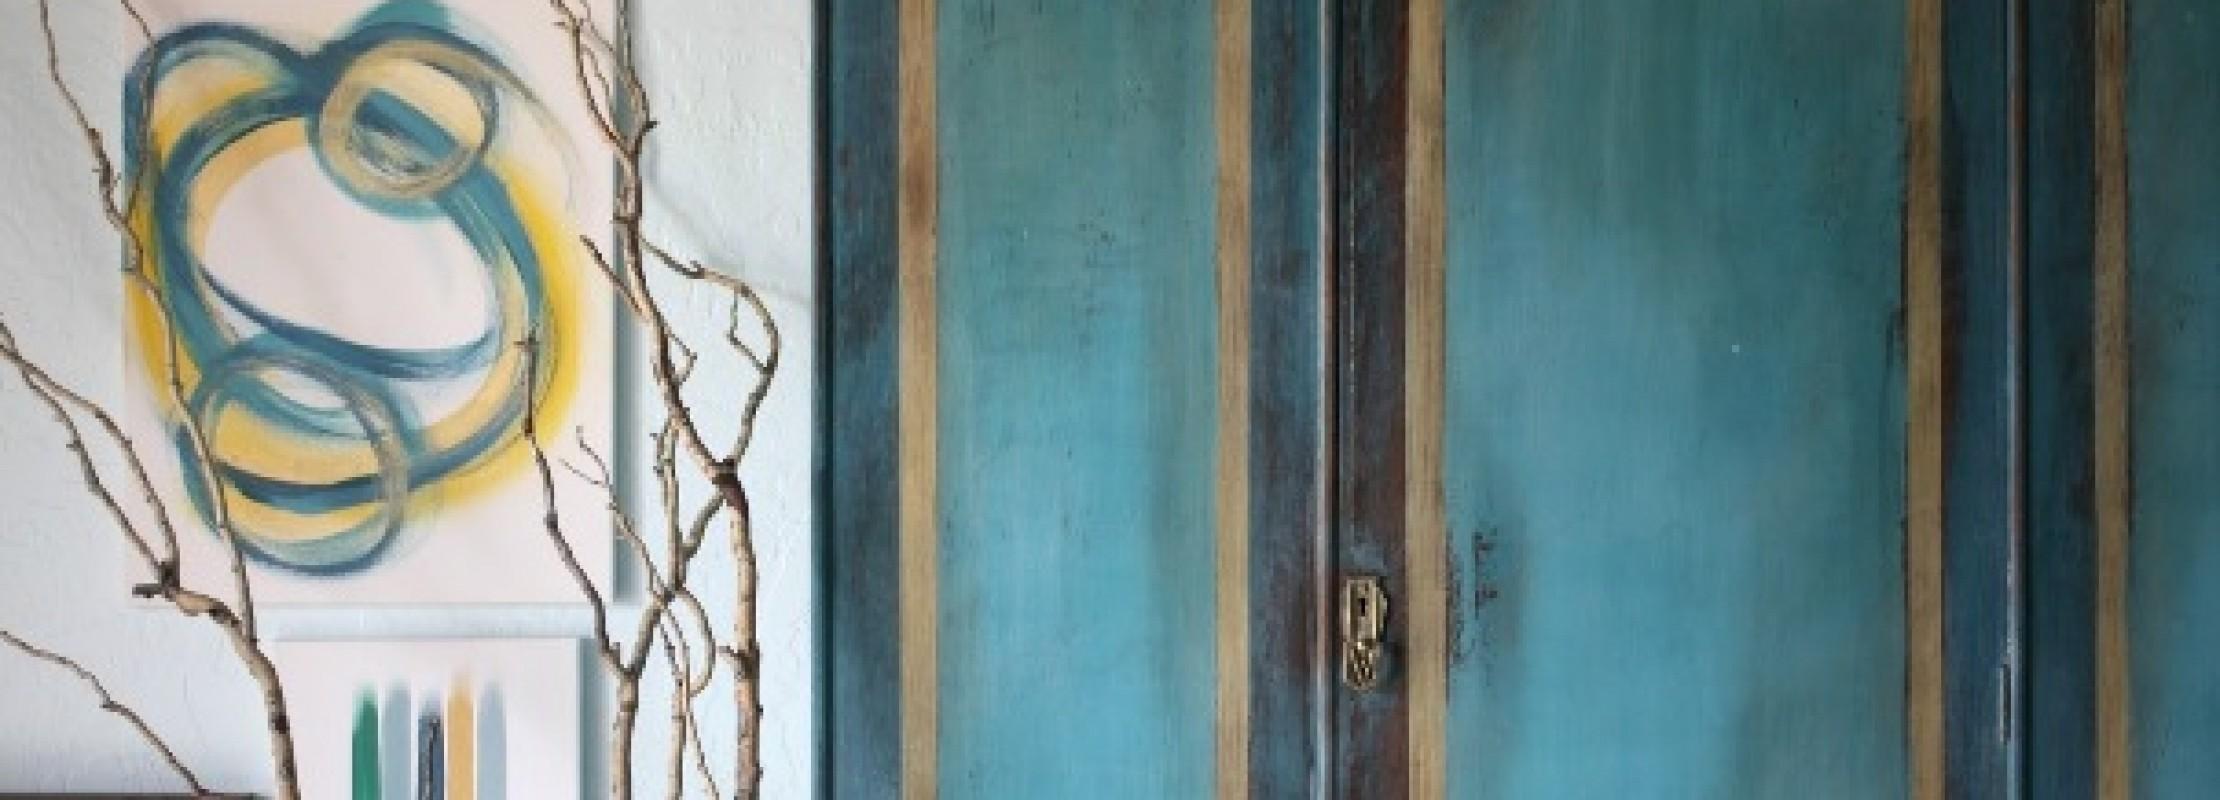 Idee Per Dipingere Un Mobile.Come Dipingere Un Armadio A Muro Blog Edilnet